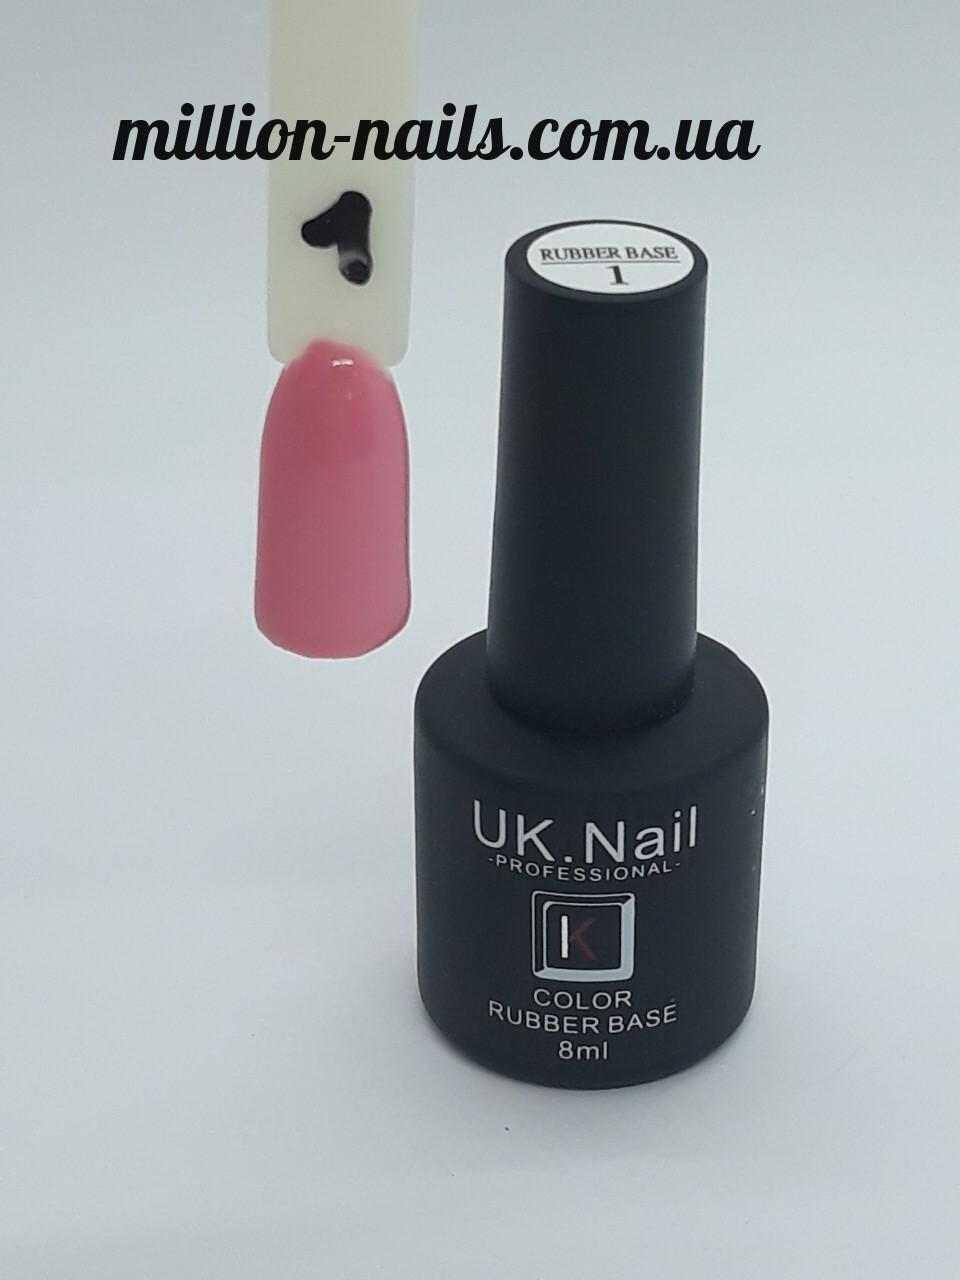 База для ногтей UK.Nail Color Rubber Base№1 (цветная база) 8 мл.